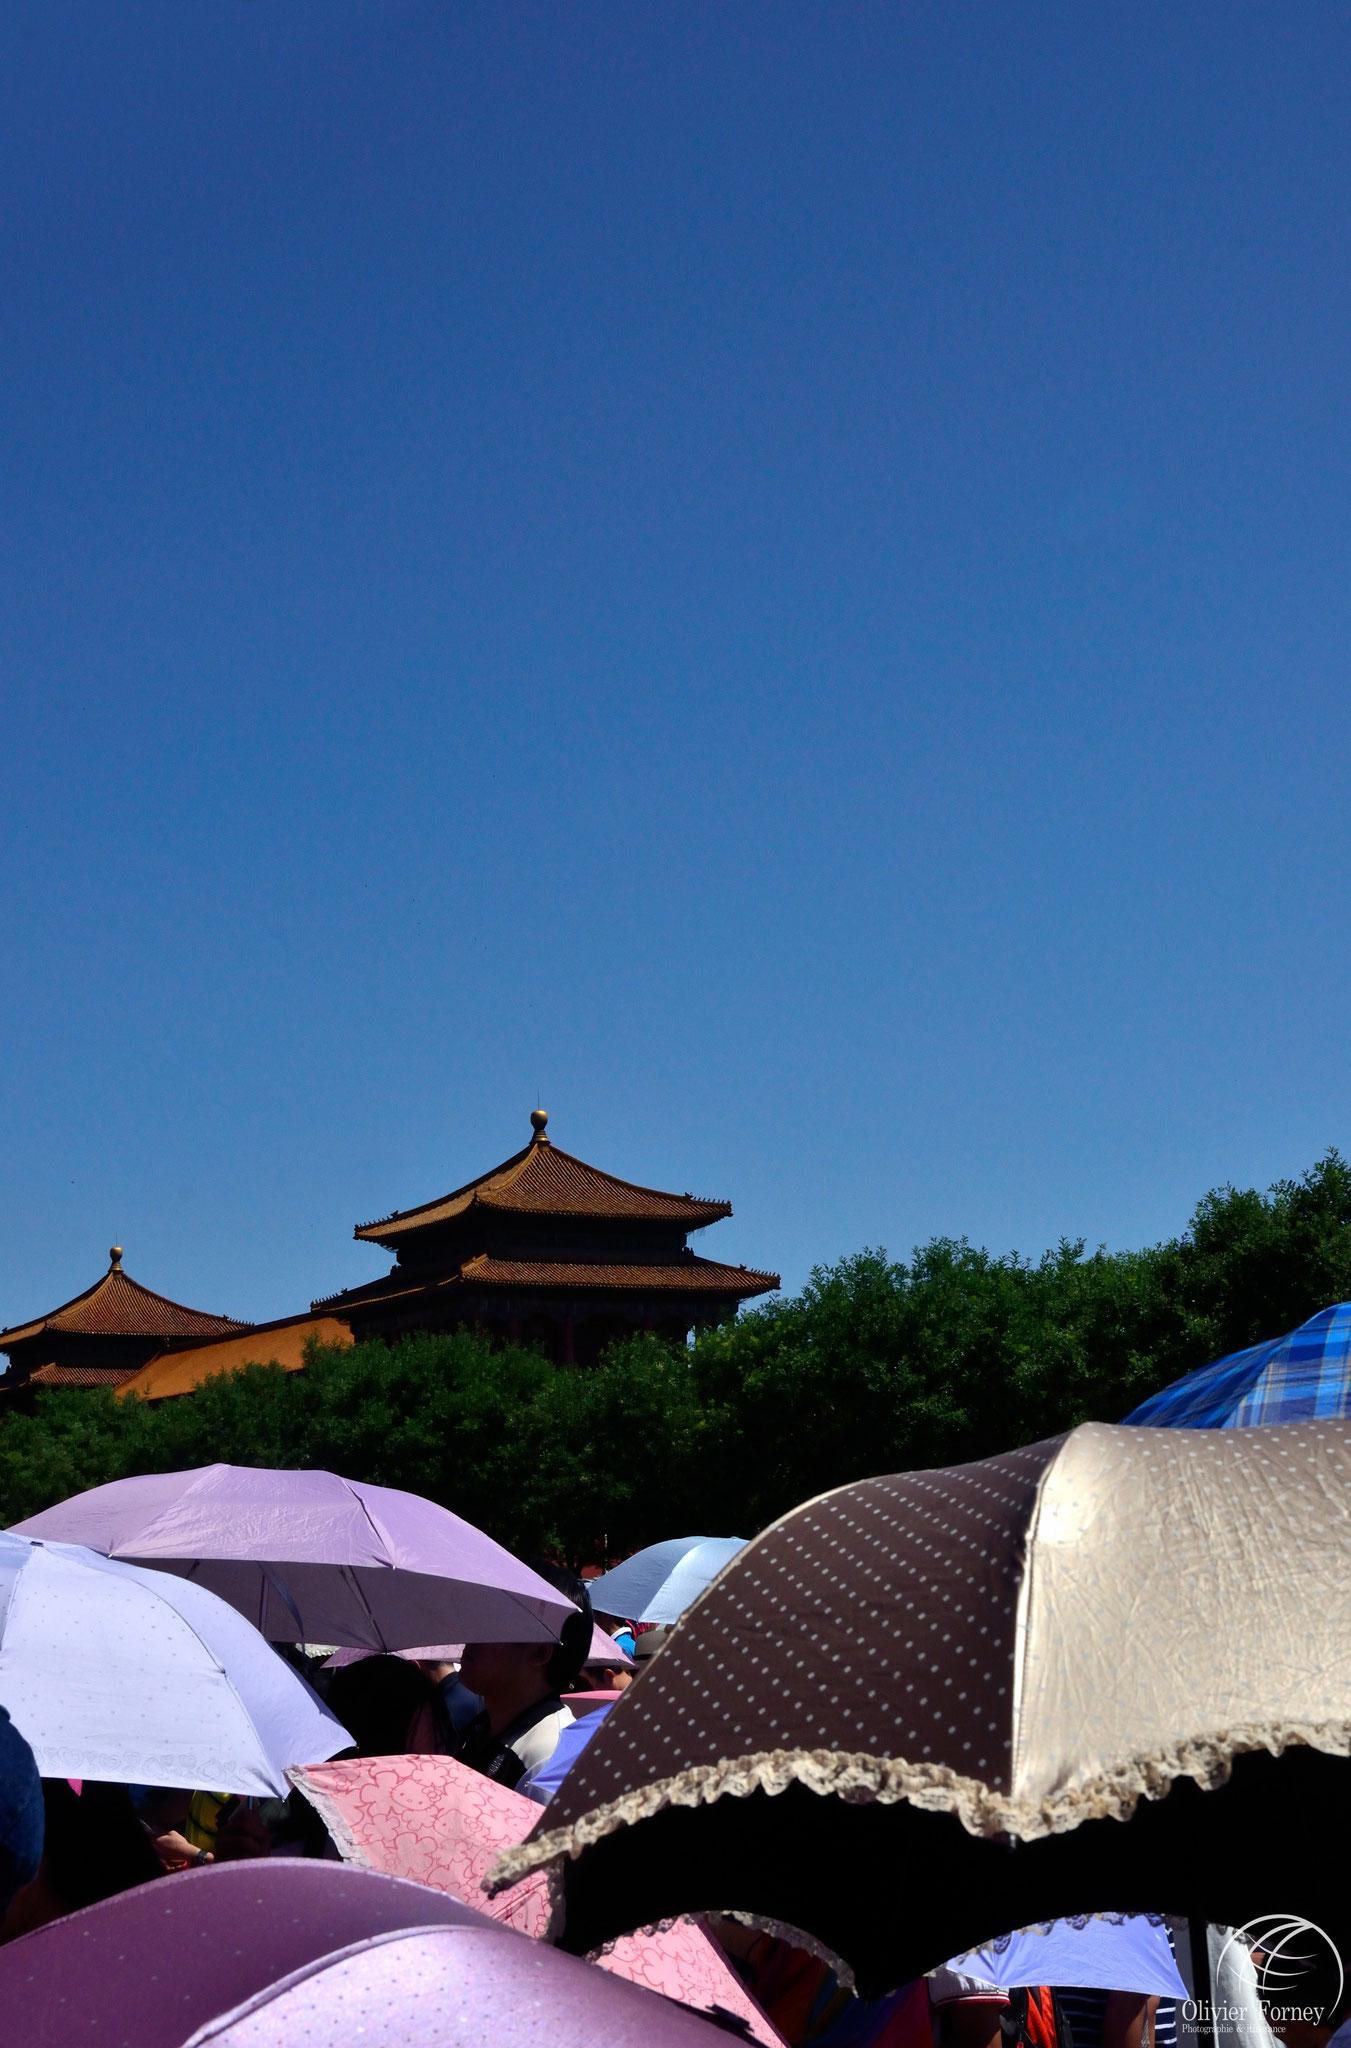 Chine / Cité interdite